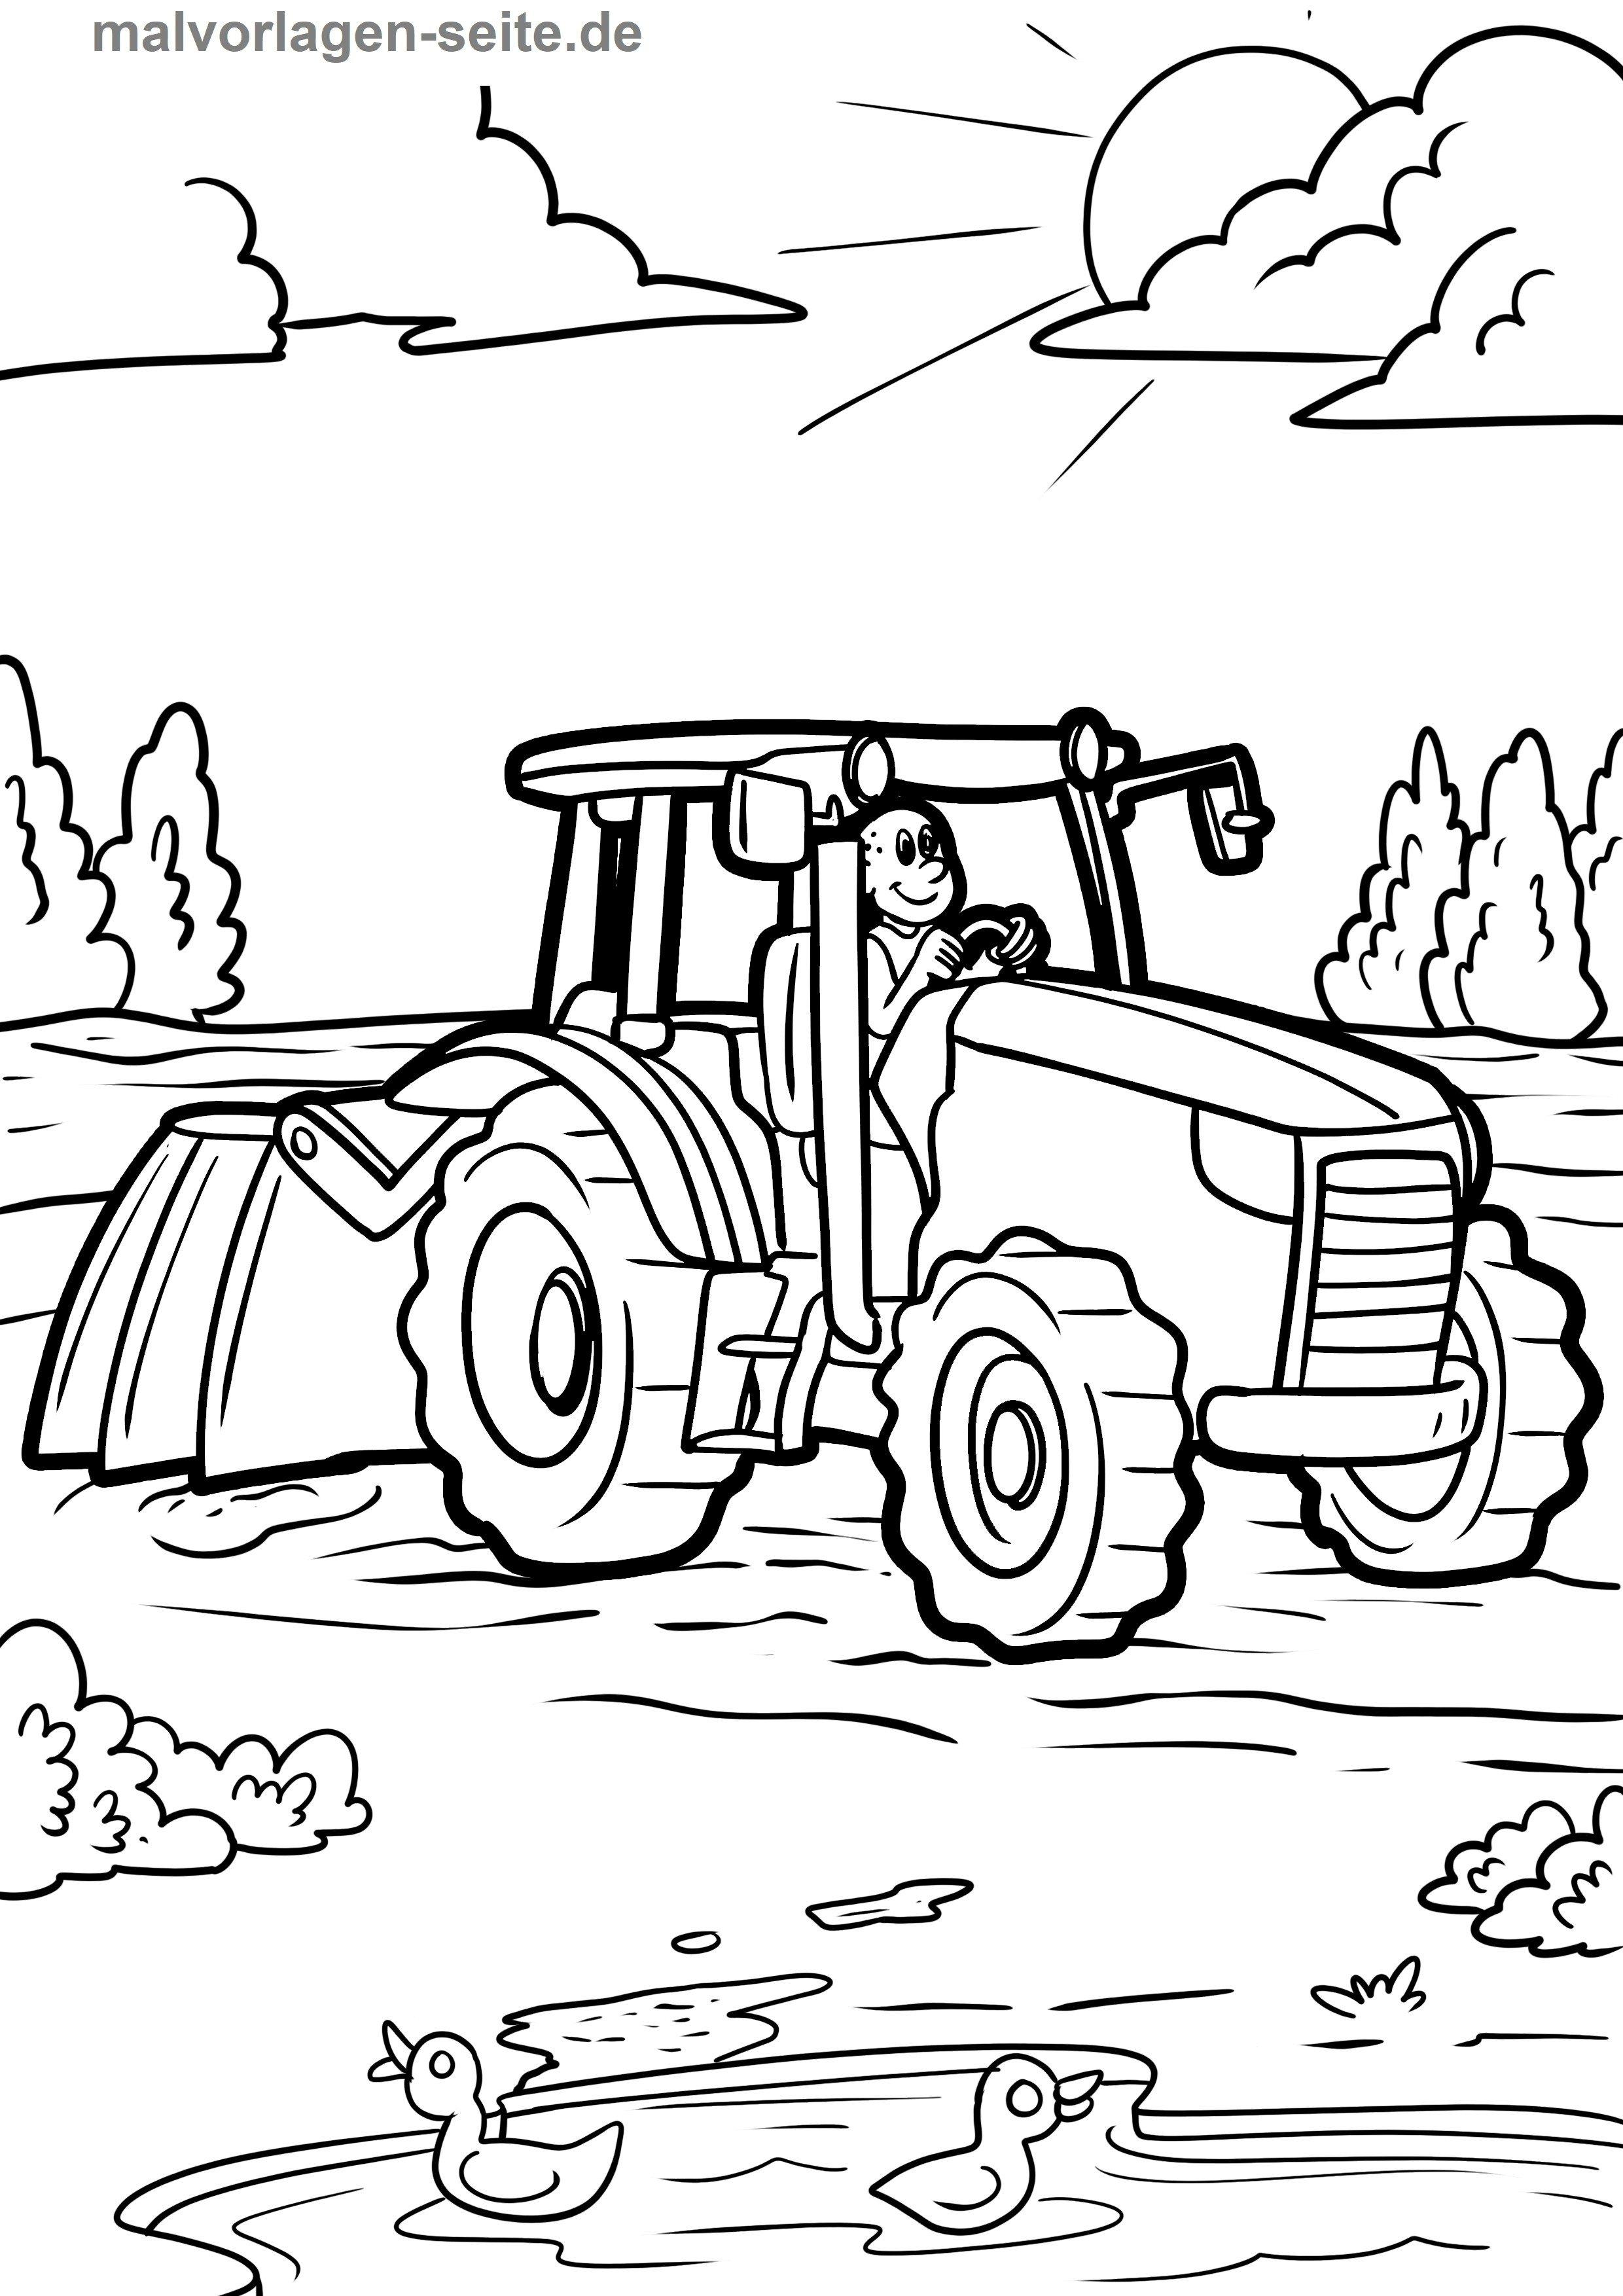 Asumalbilder Pinterest Ausmalbilder Bauernhof